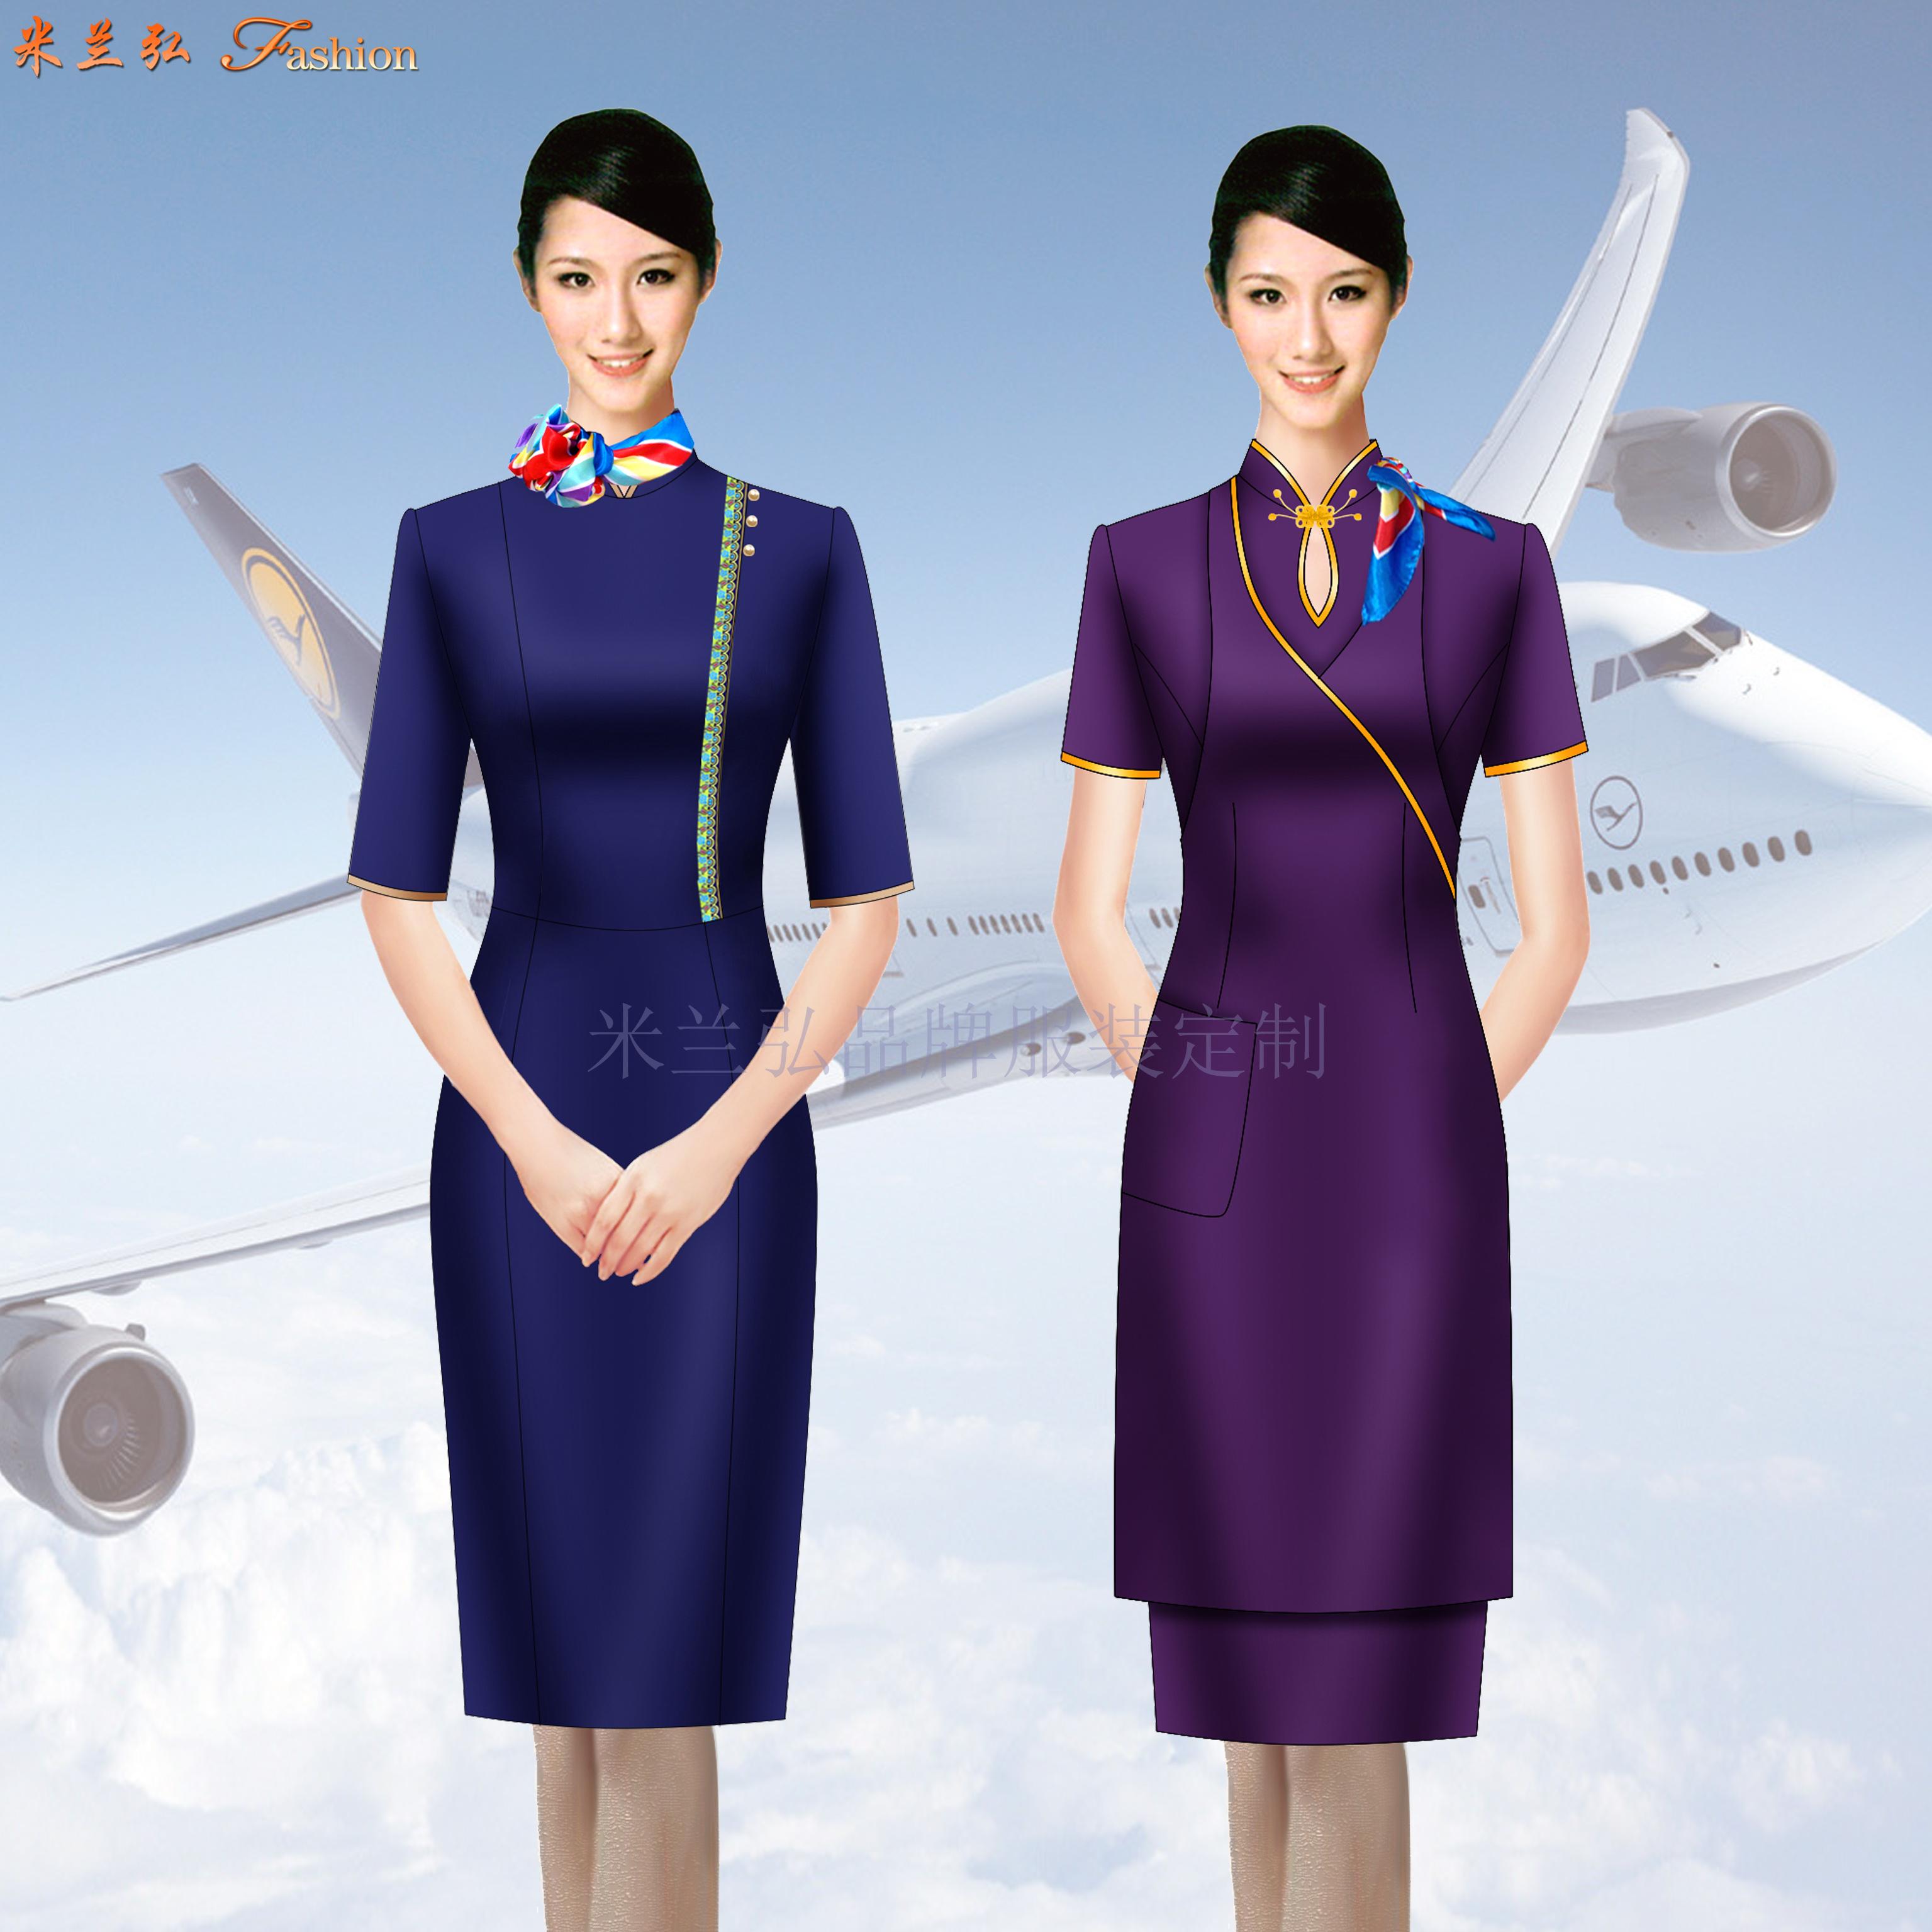 空姐连衣裙制服图片|高铁乘务员中式立领连衣裙定做-米兰弘服装-2